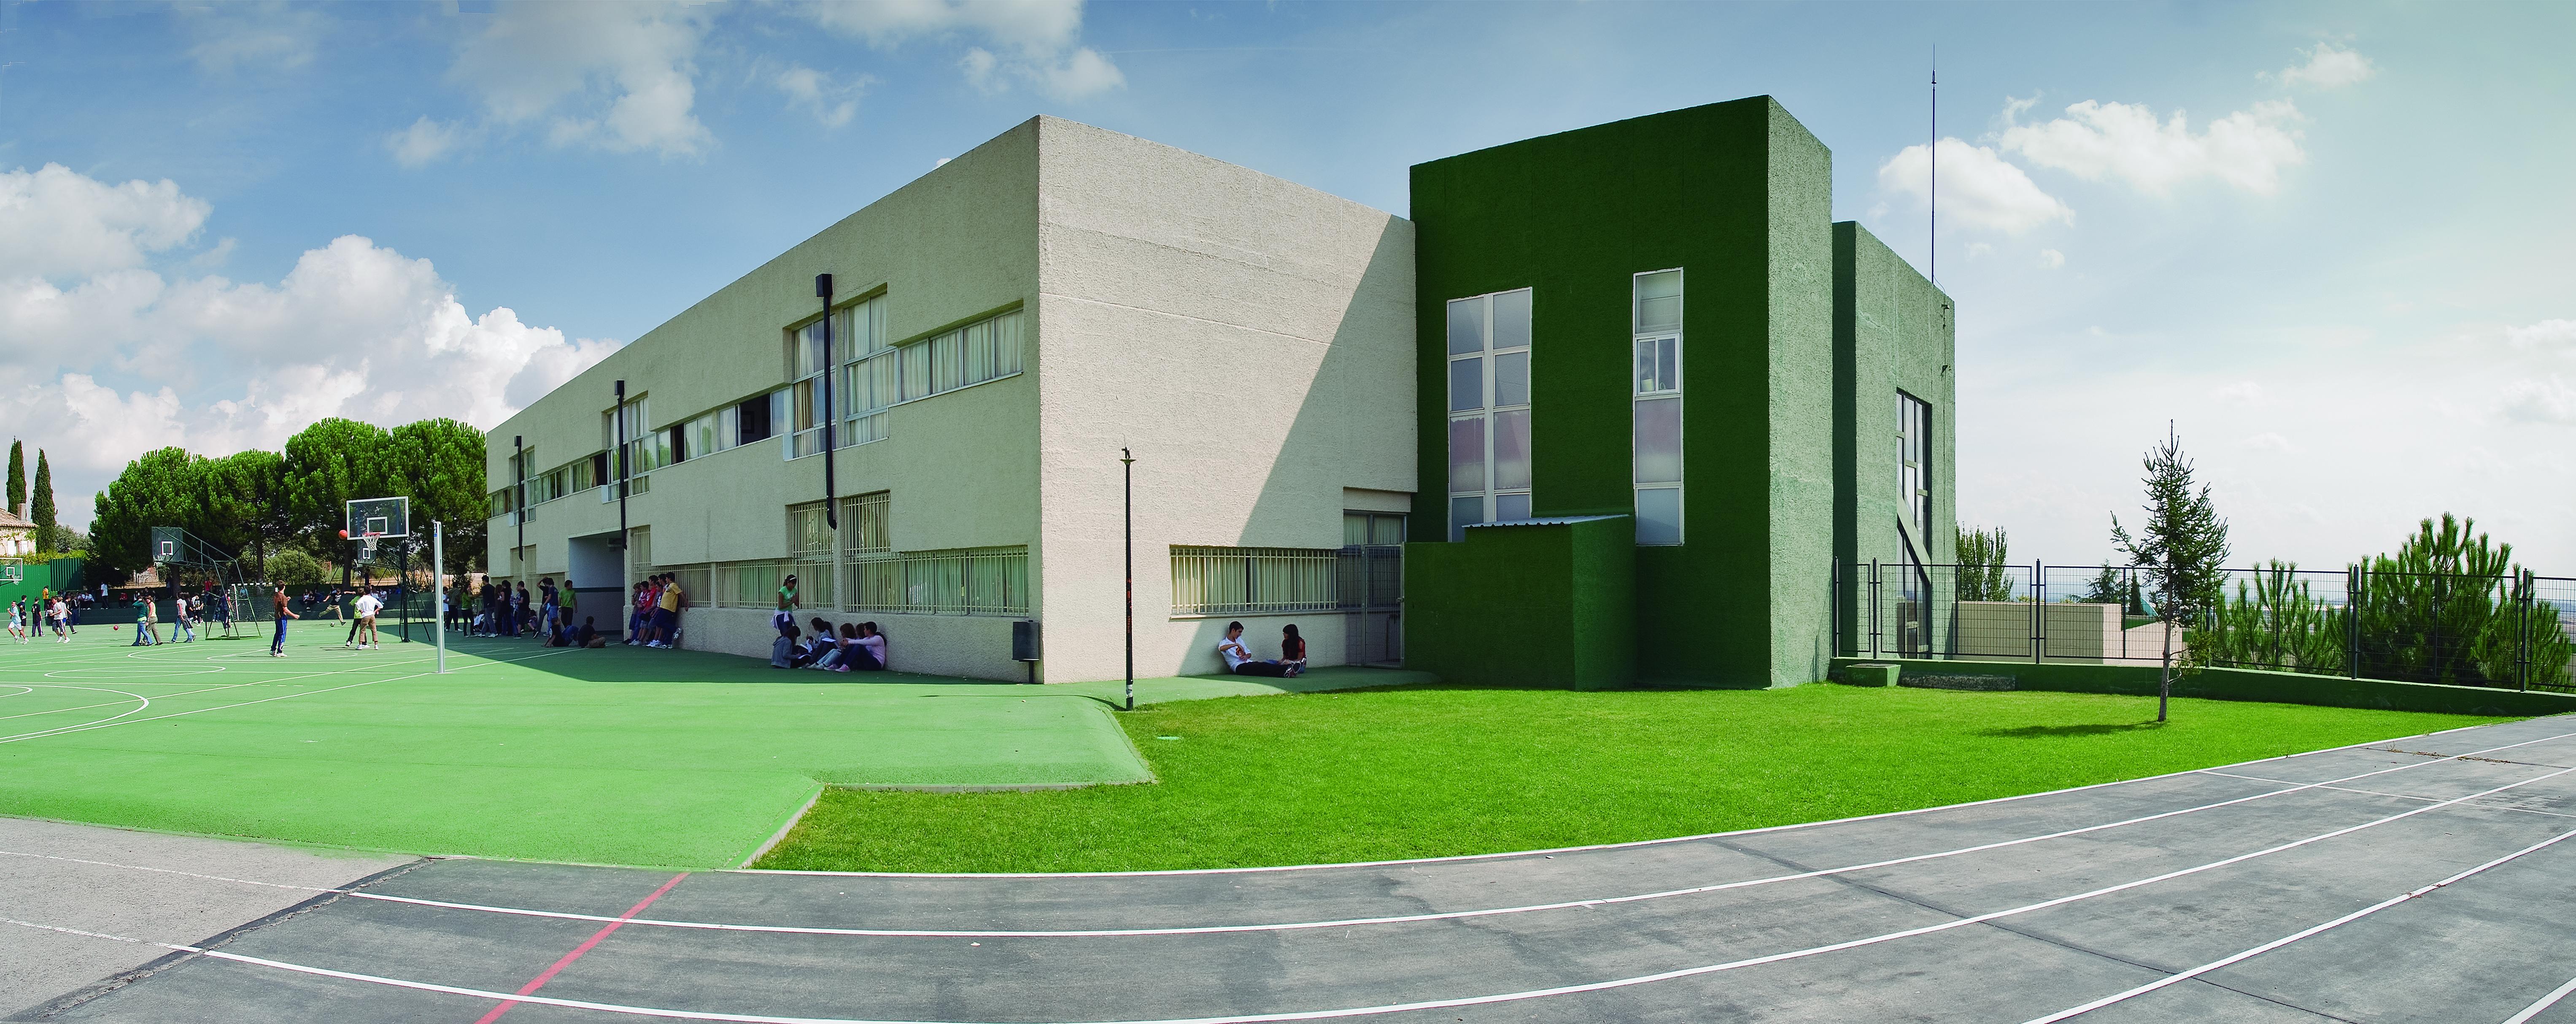 Colegio Base_125